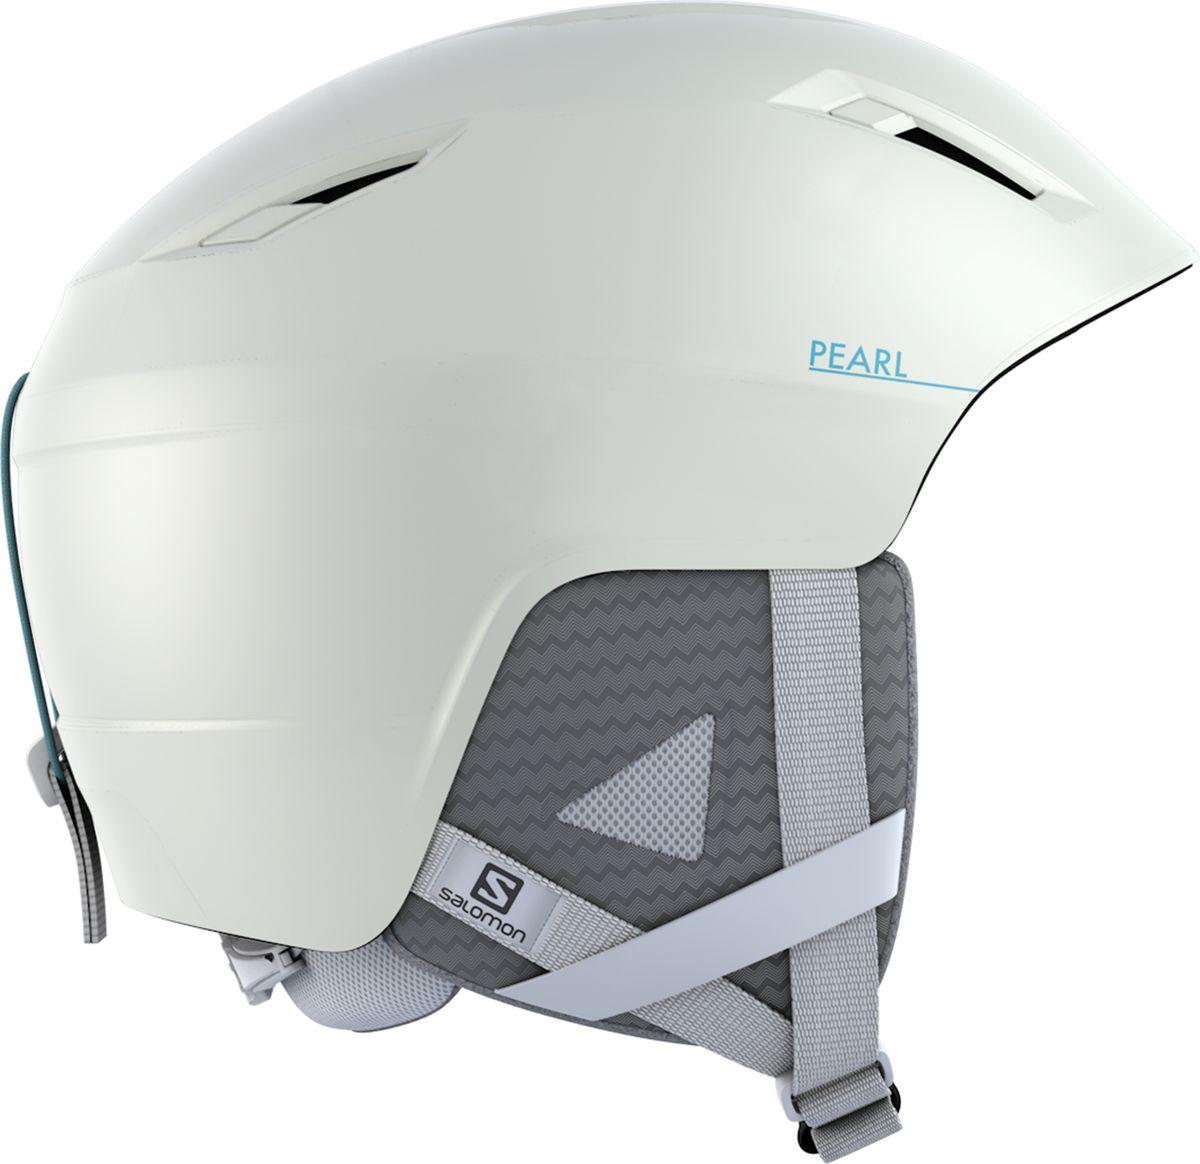 Шлем горнолыжный Salomon Pearl2+, цвет: белый. Размер S (53-56)